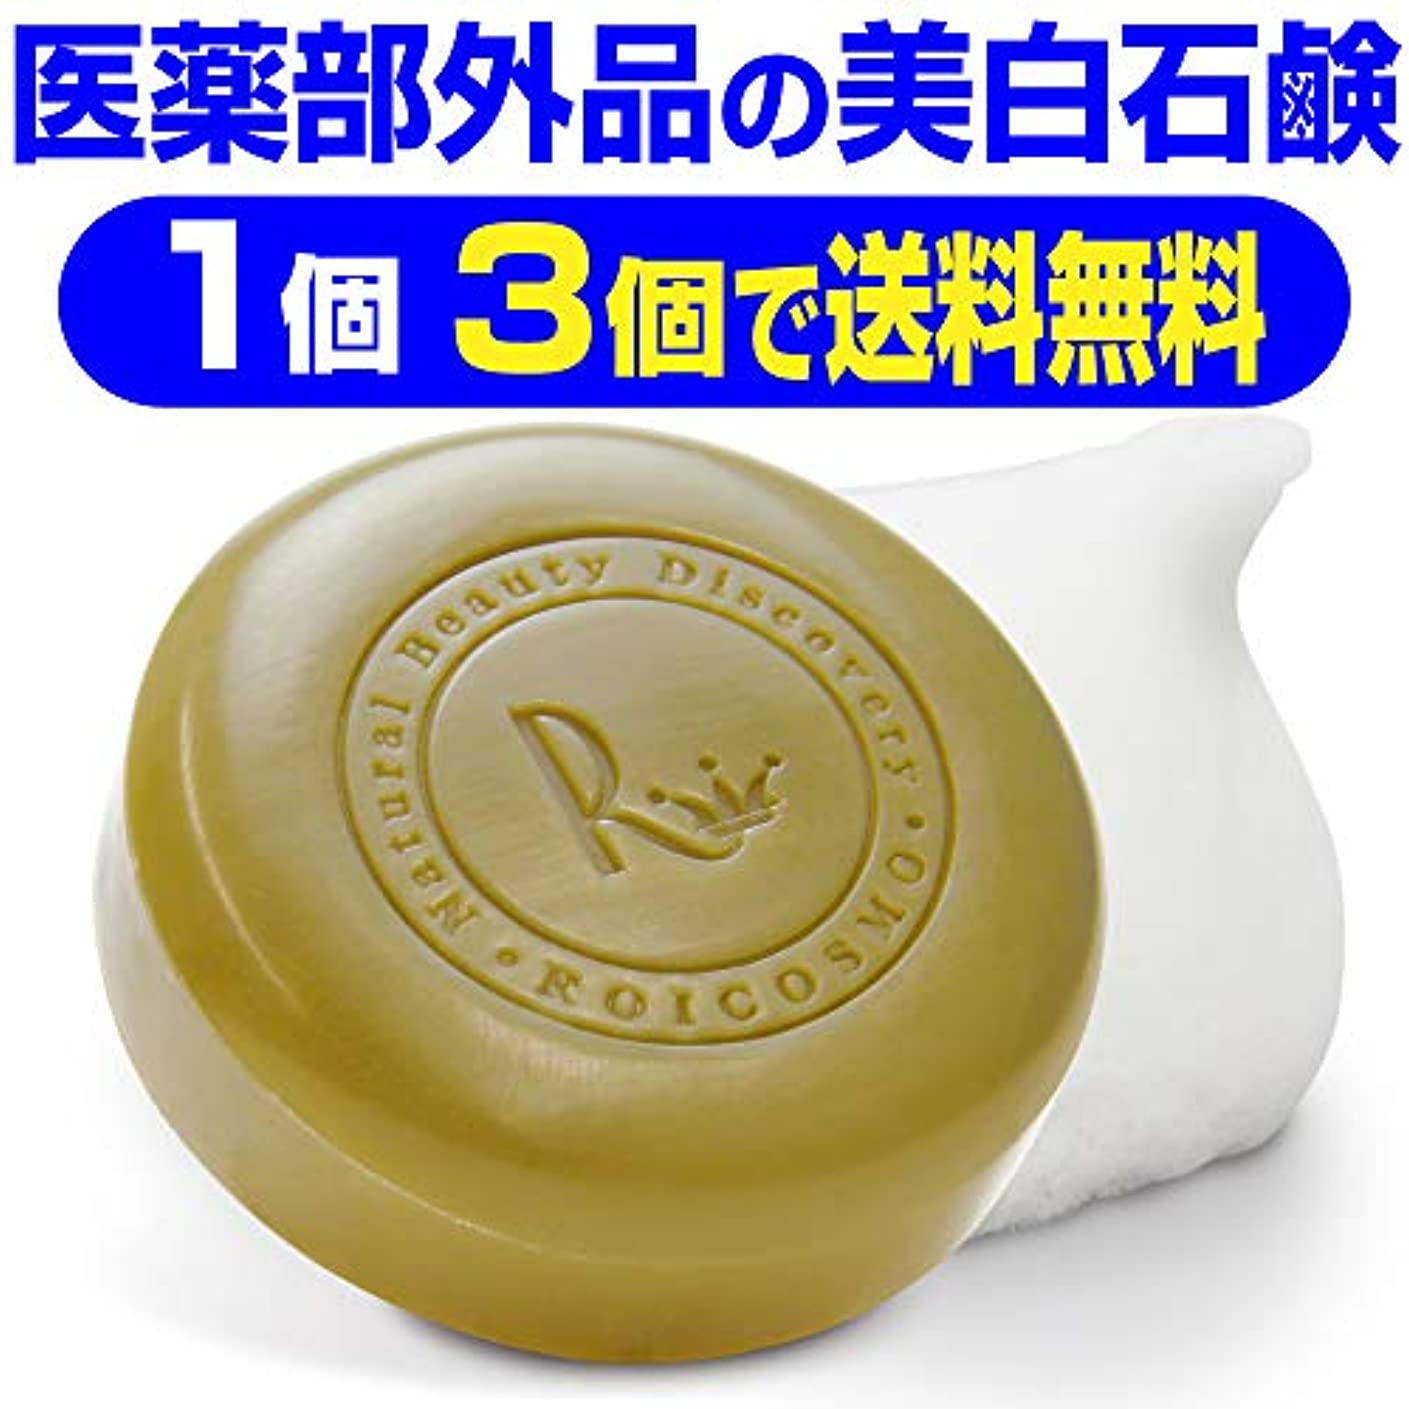 亜熱帯ディプロマメガロポリス美白石鹸/ビタミンC270倍の美白成分配合の 洗顔石鹸 固形『ホワイトソープ100g×1個』